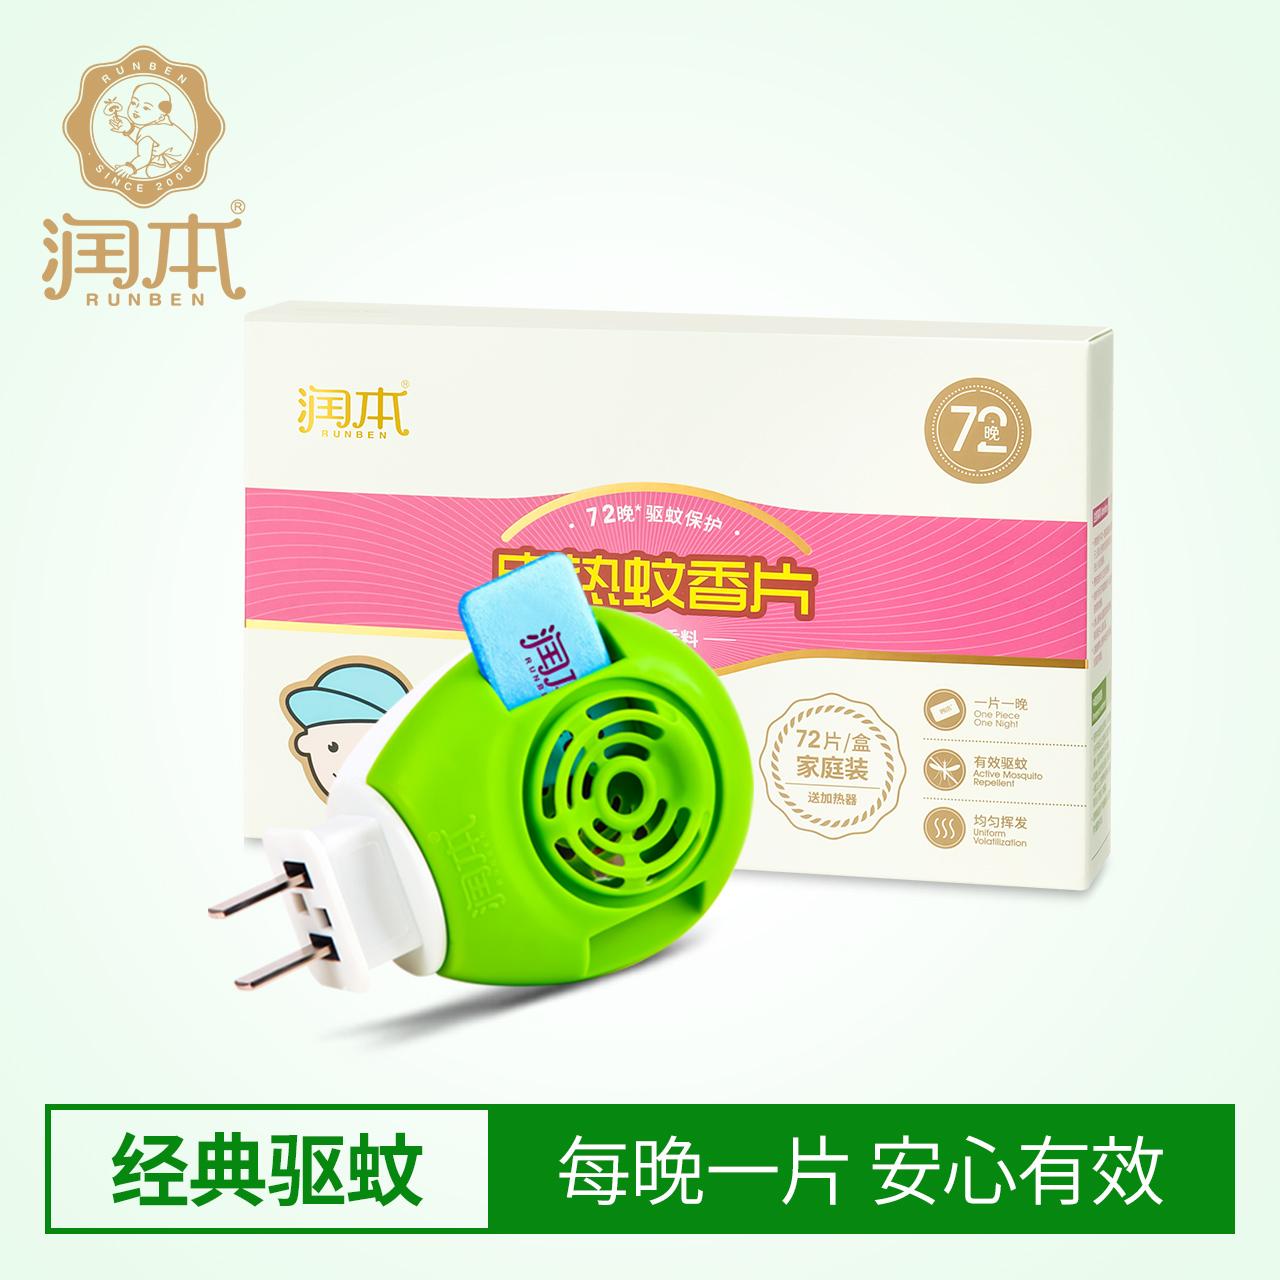 润本电热蚊香片婴儿童宝宝防蚊片驱蚊片灭蚊片无味型72片送加热器